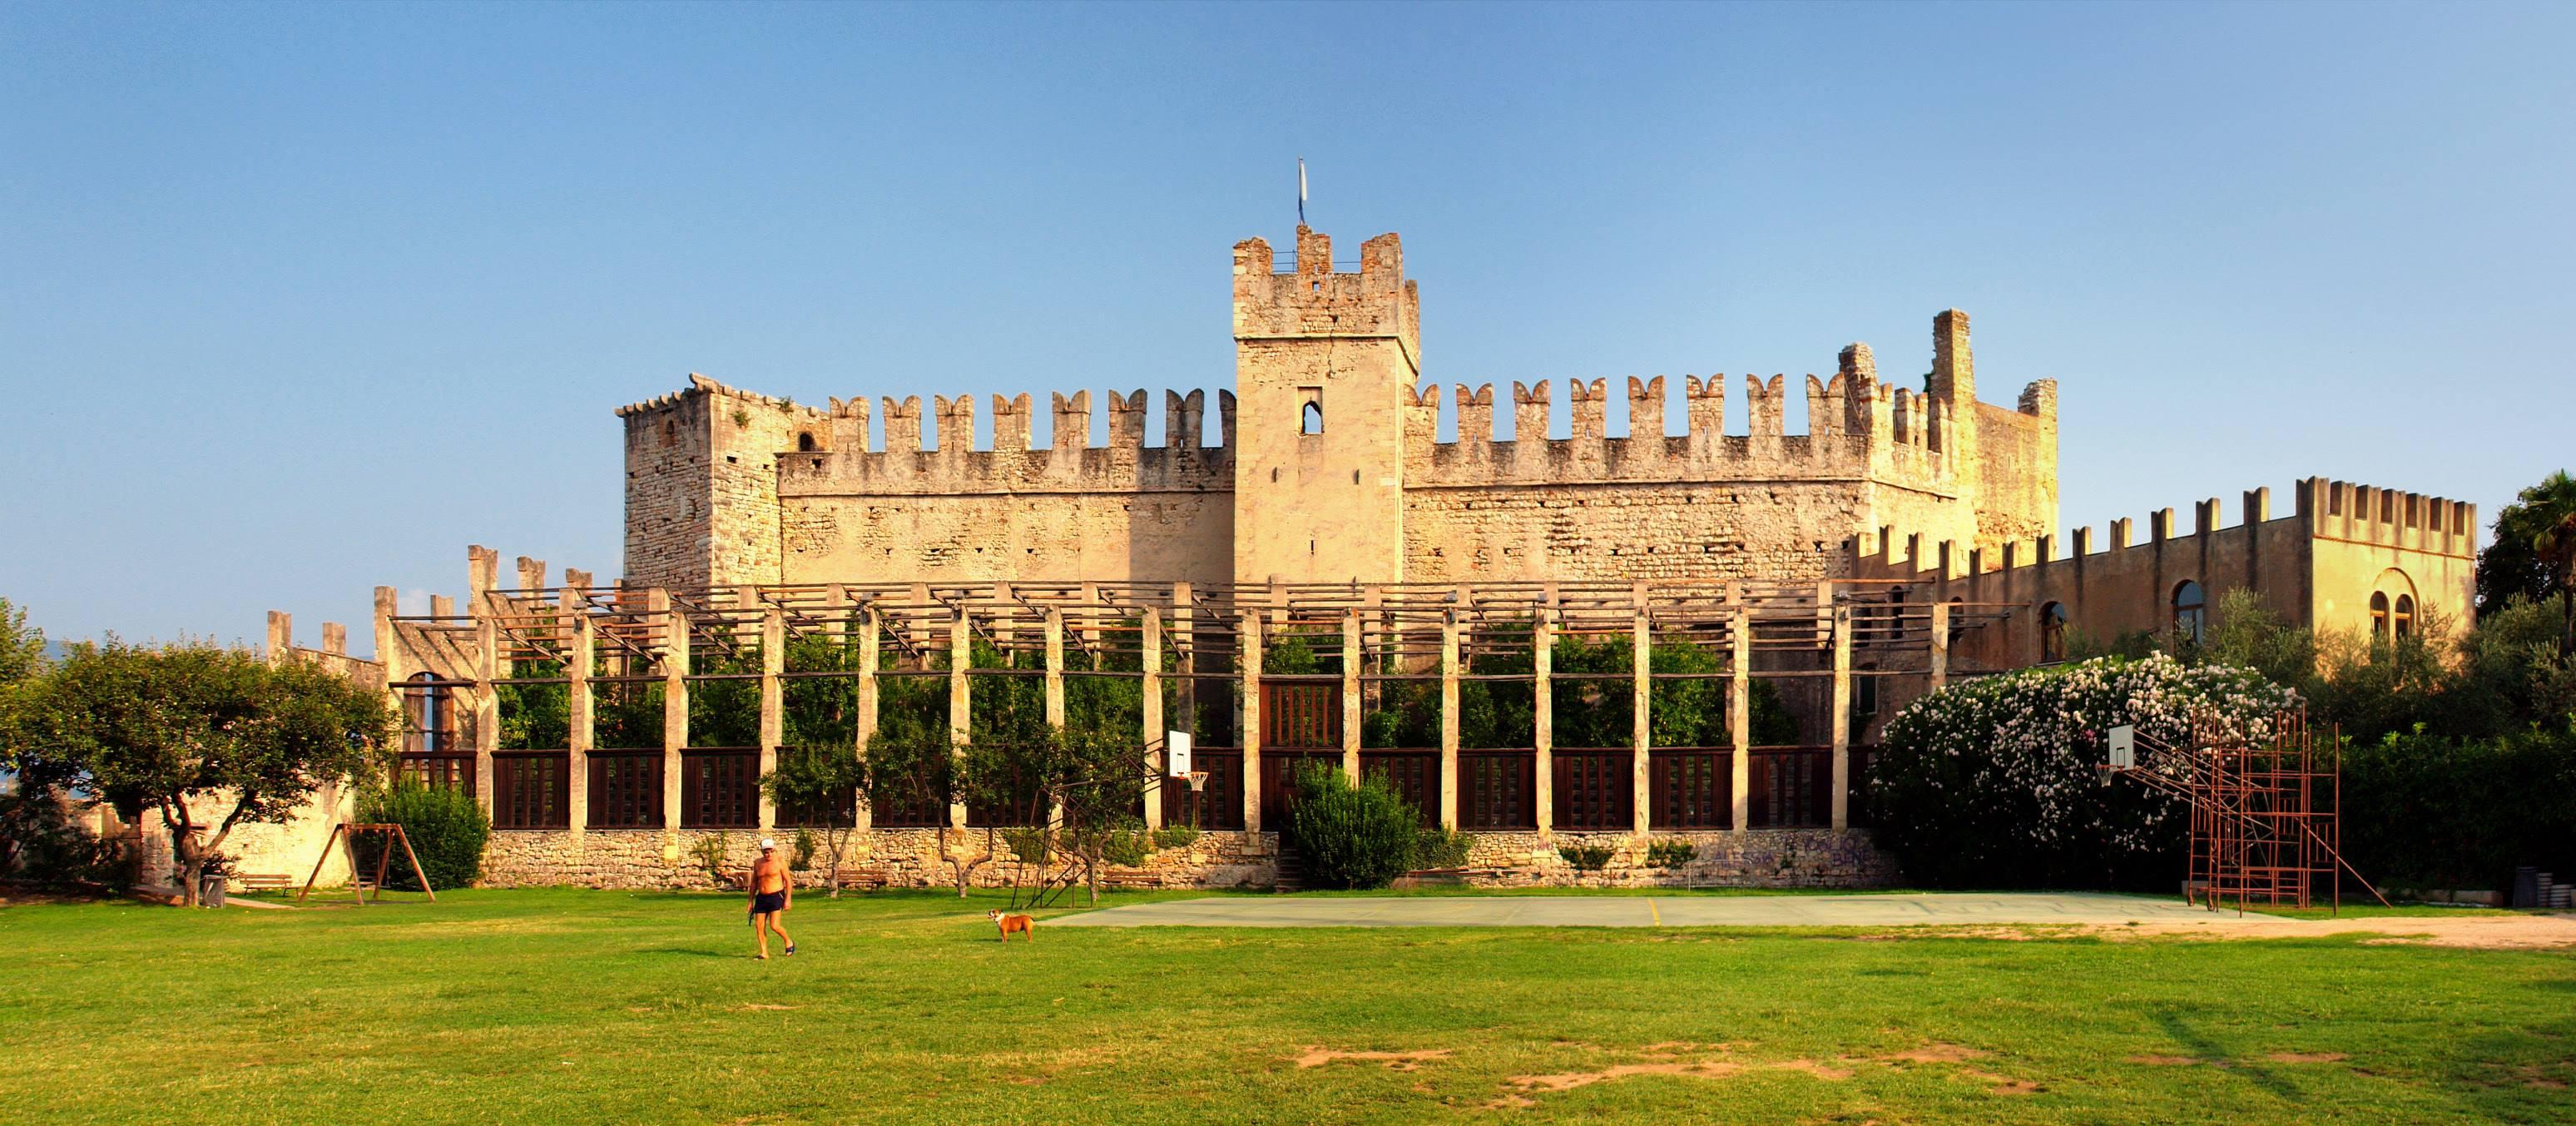 3) Замок Скалигеров, Торри-дель-Бенако